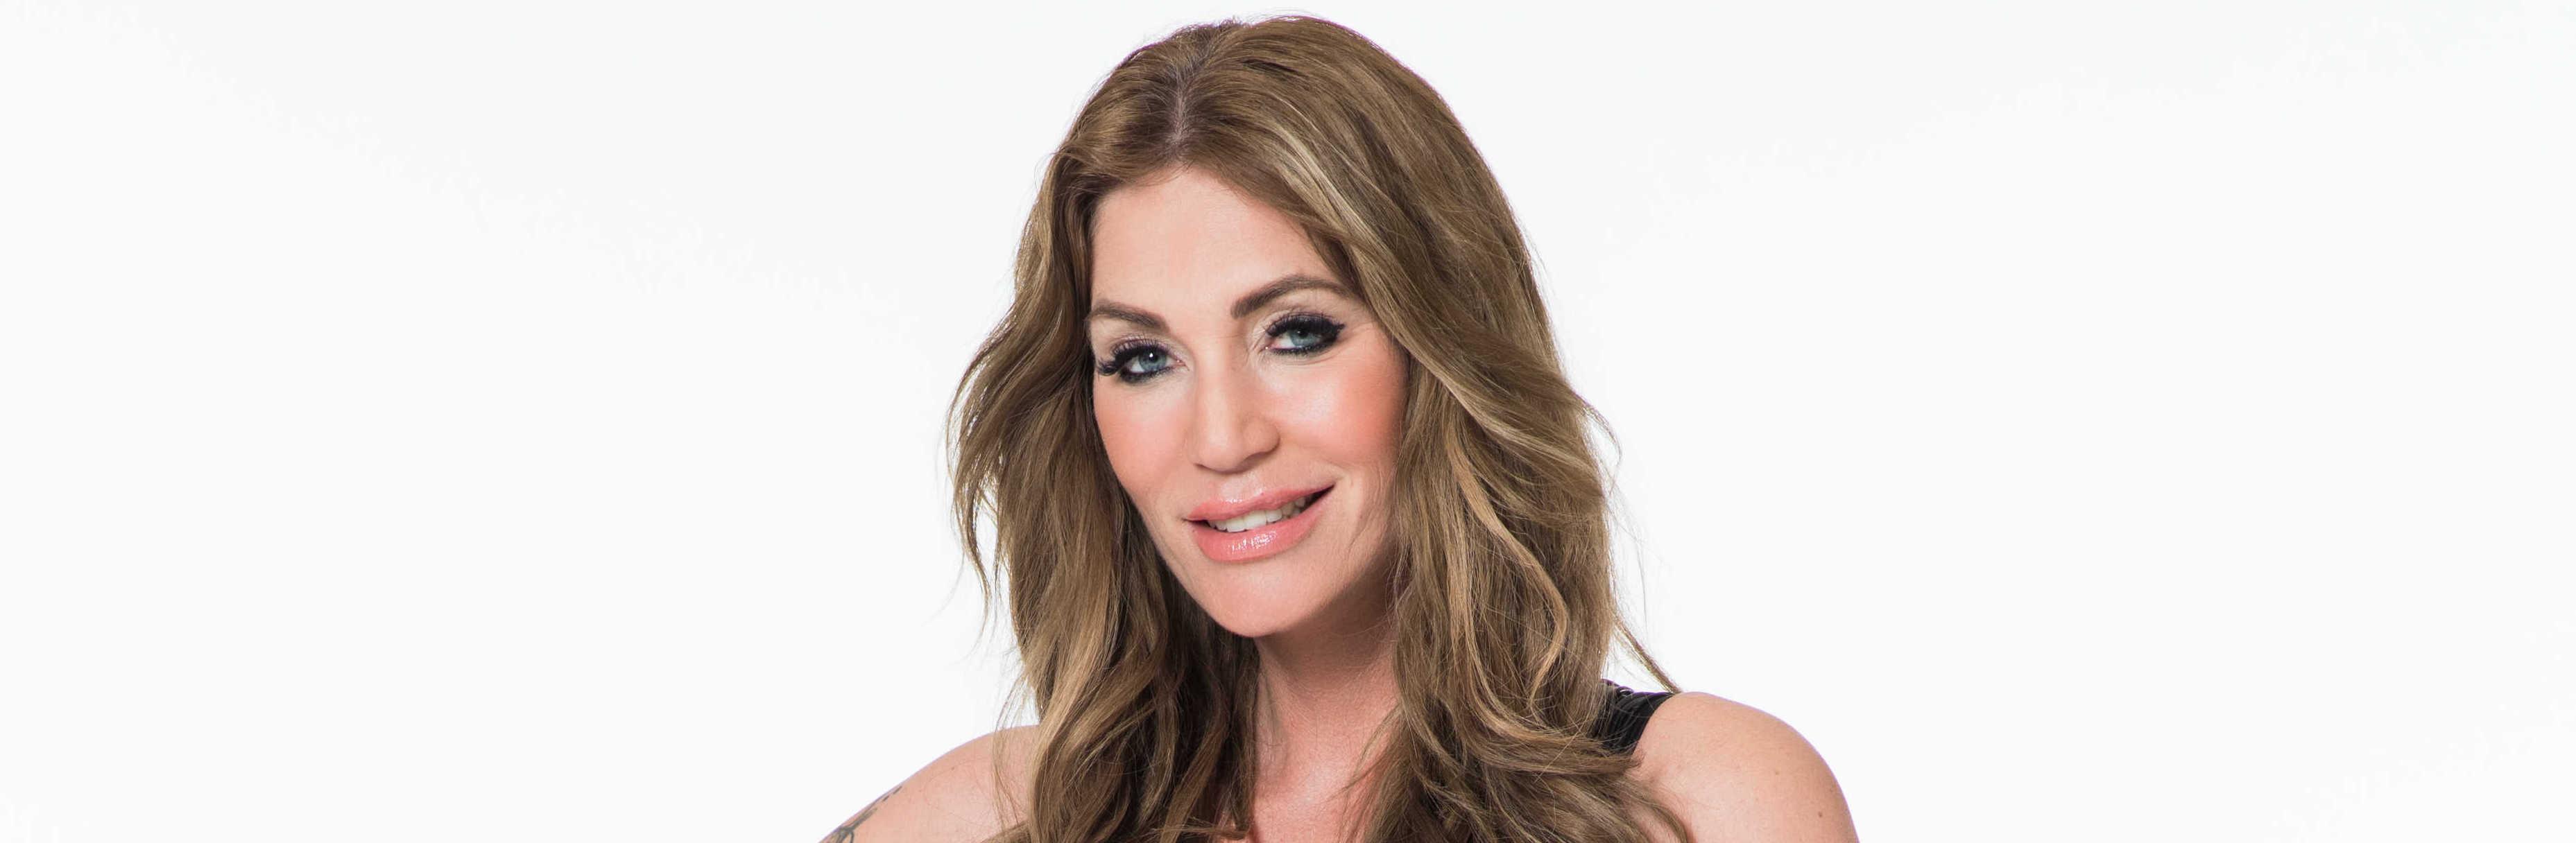 Sarah Kern Promi BB 2017 Kandidaten Promi Big Brother 2017 Bewohner Sarah Kern